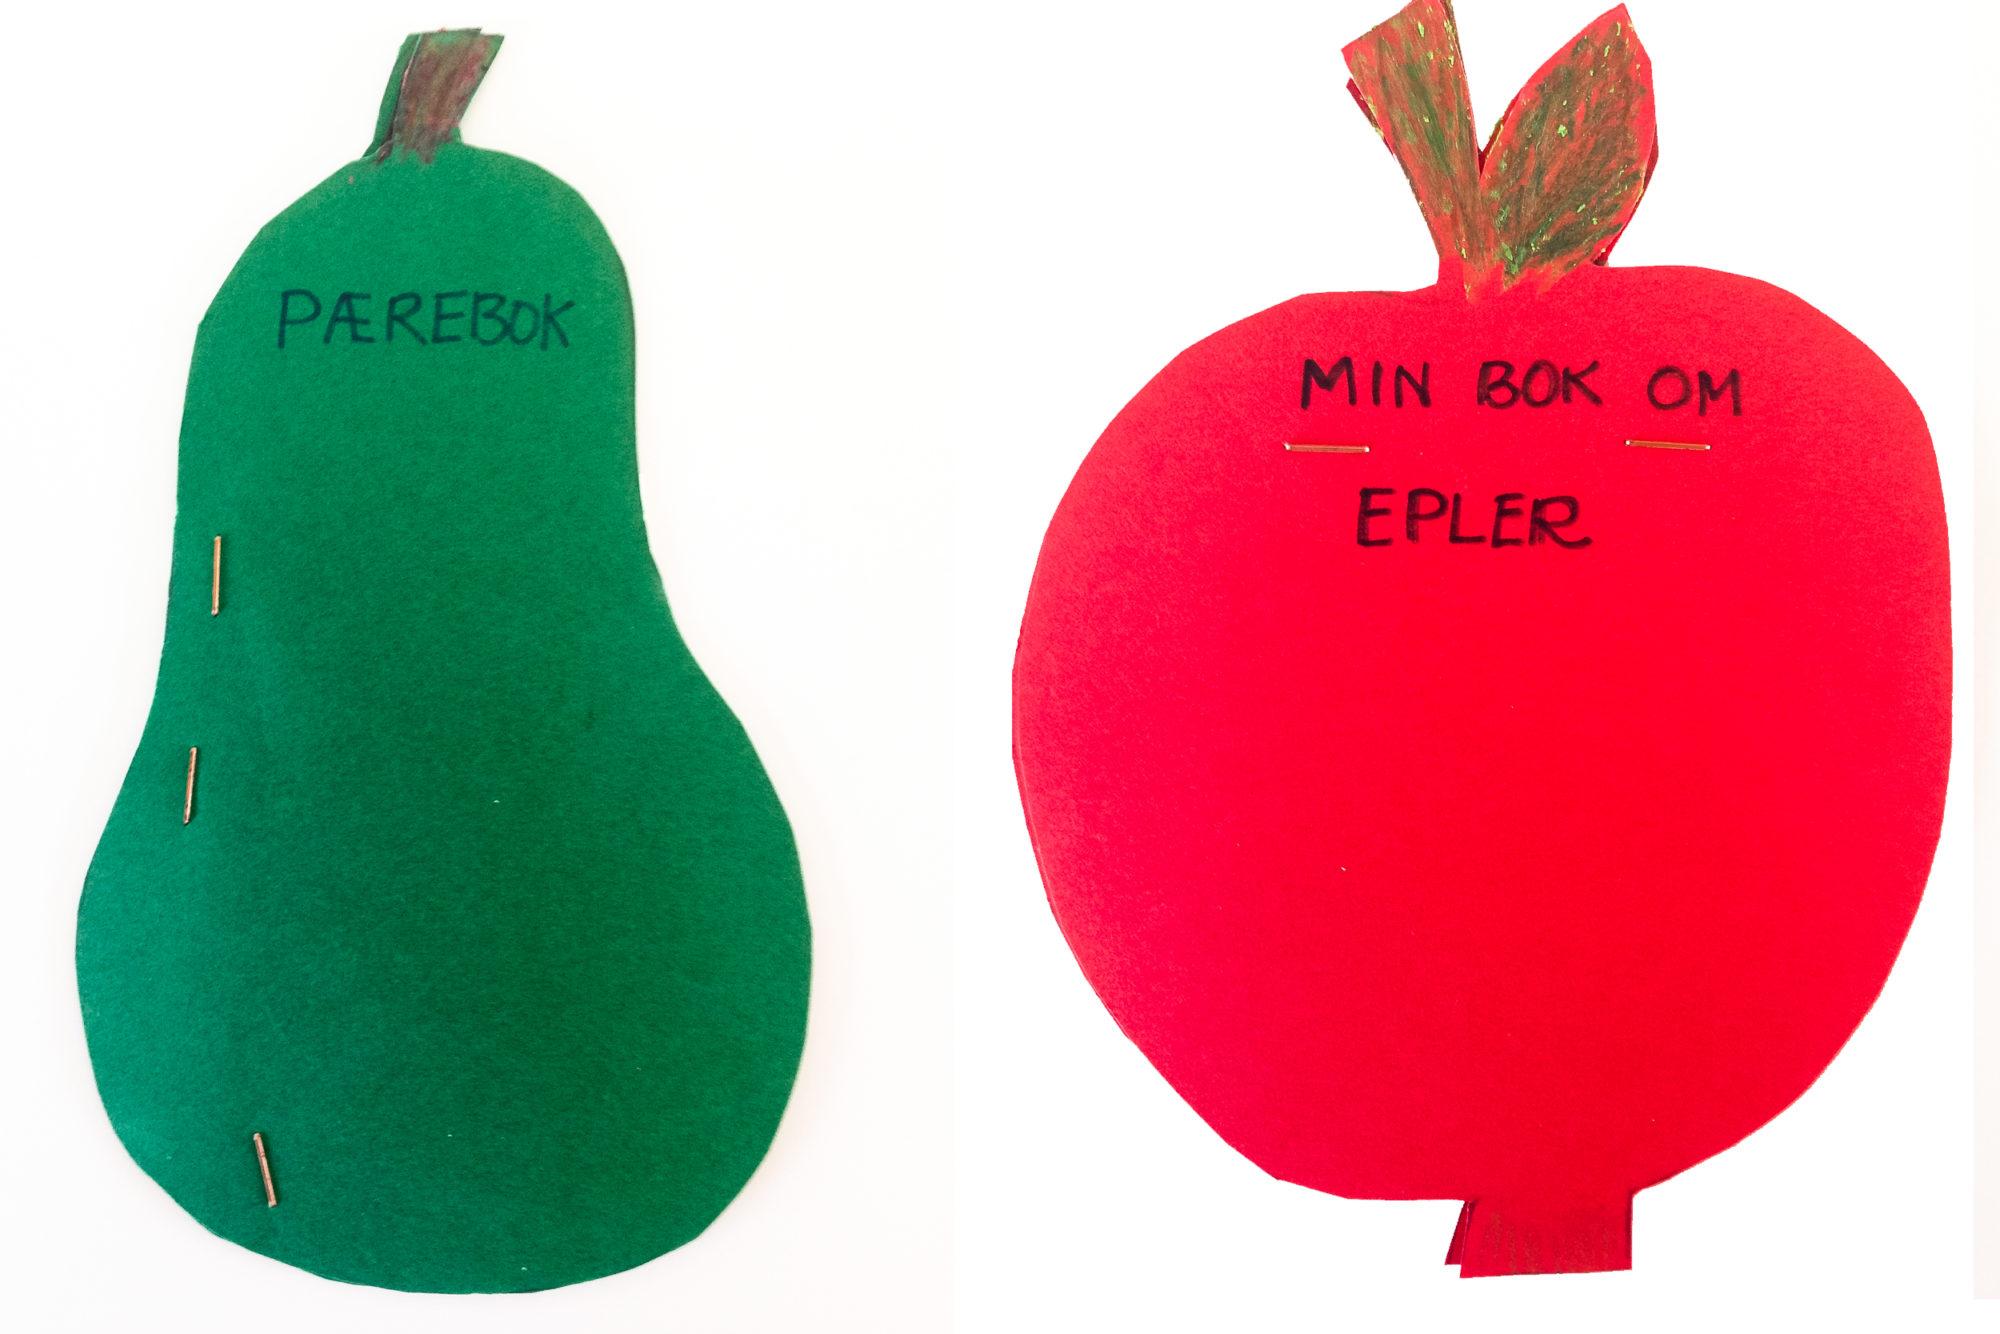 Bøker formet som frukt